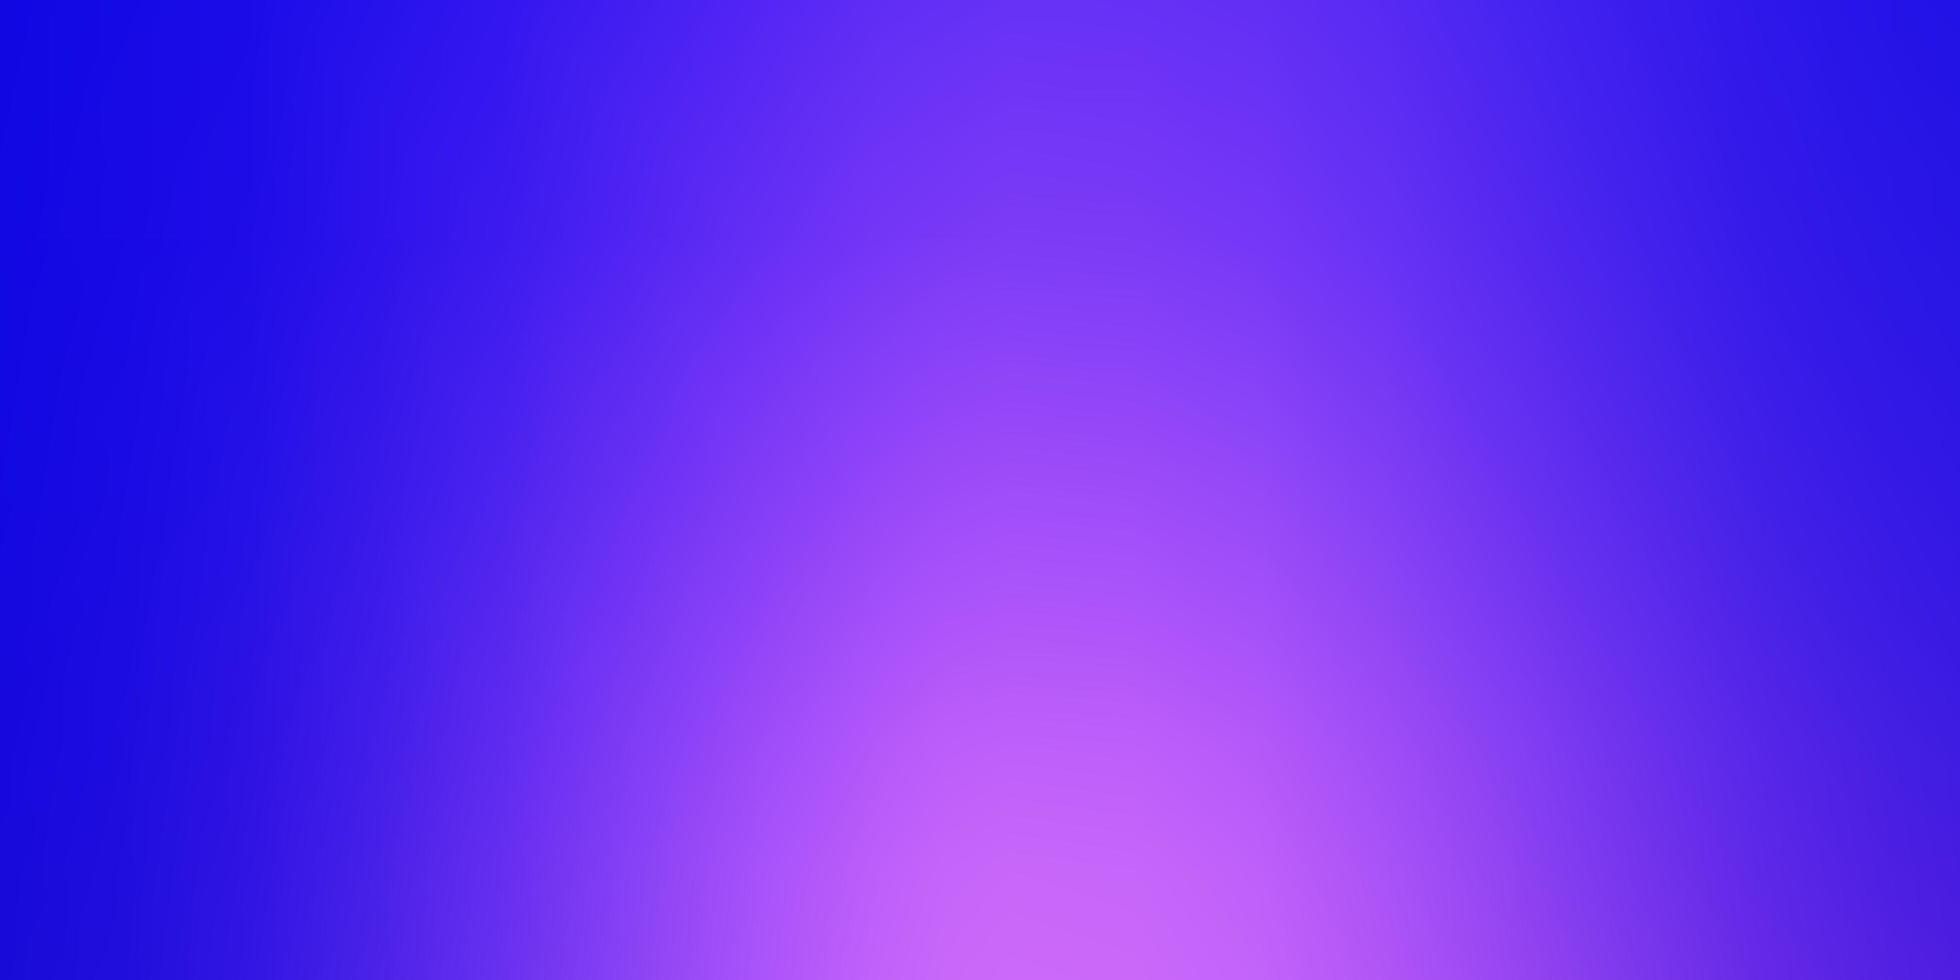 rosa och blå suddig färgglad konsistens. vektor